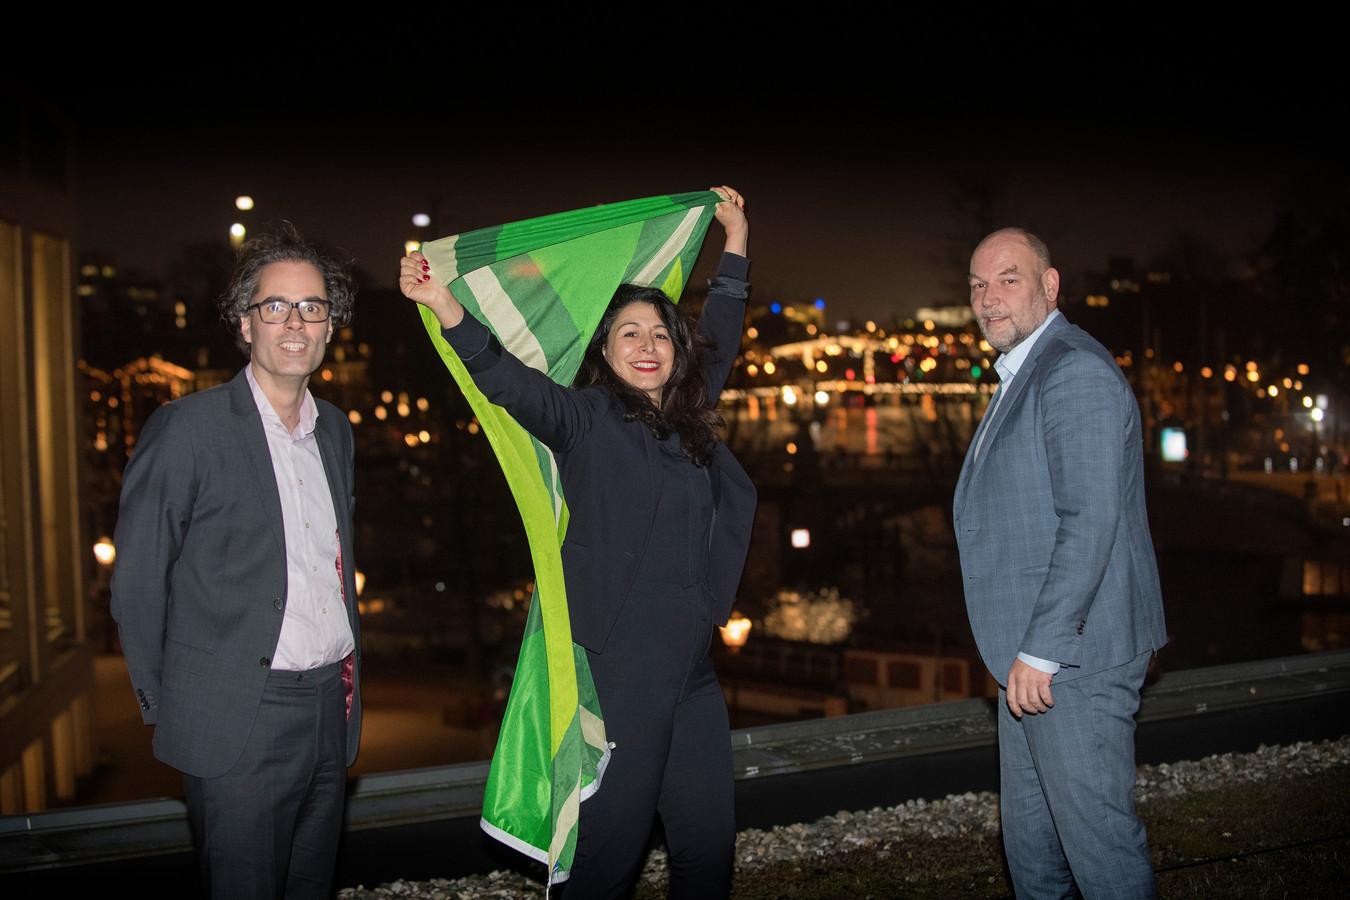 Laurens Ivens, Touria Meliani en Rutger Groot Wassink (v.l.n.r.) zwaaien met de Achterhoekse vlag in Amsterdam.